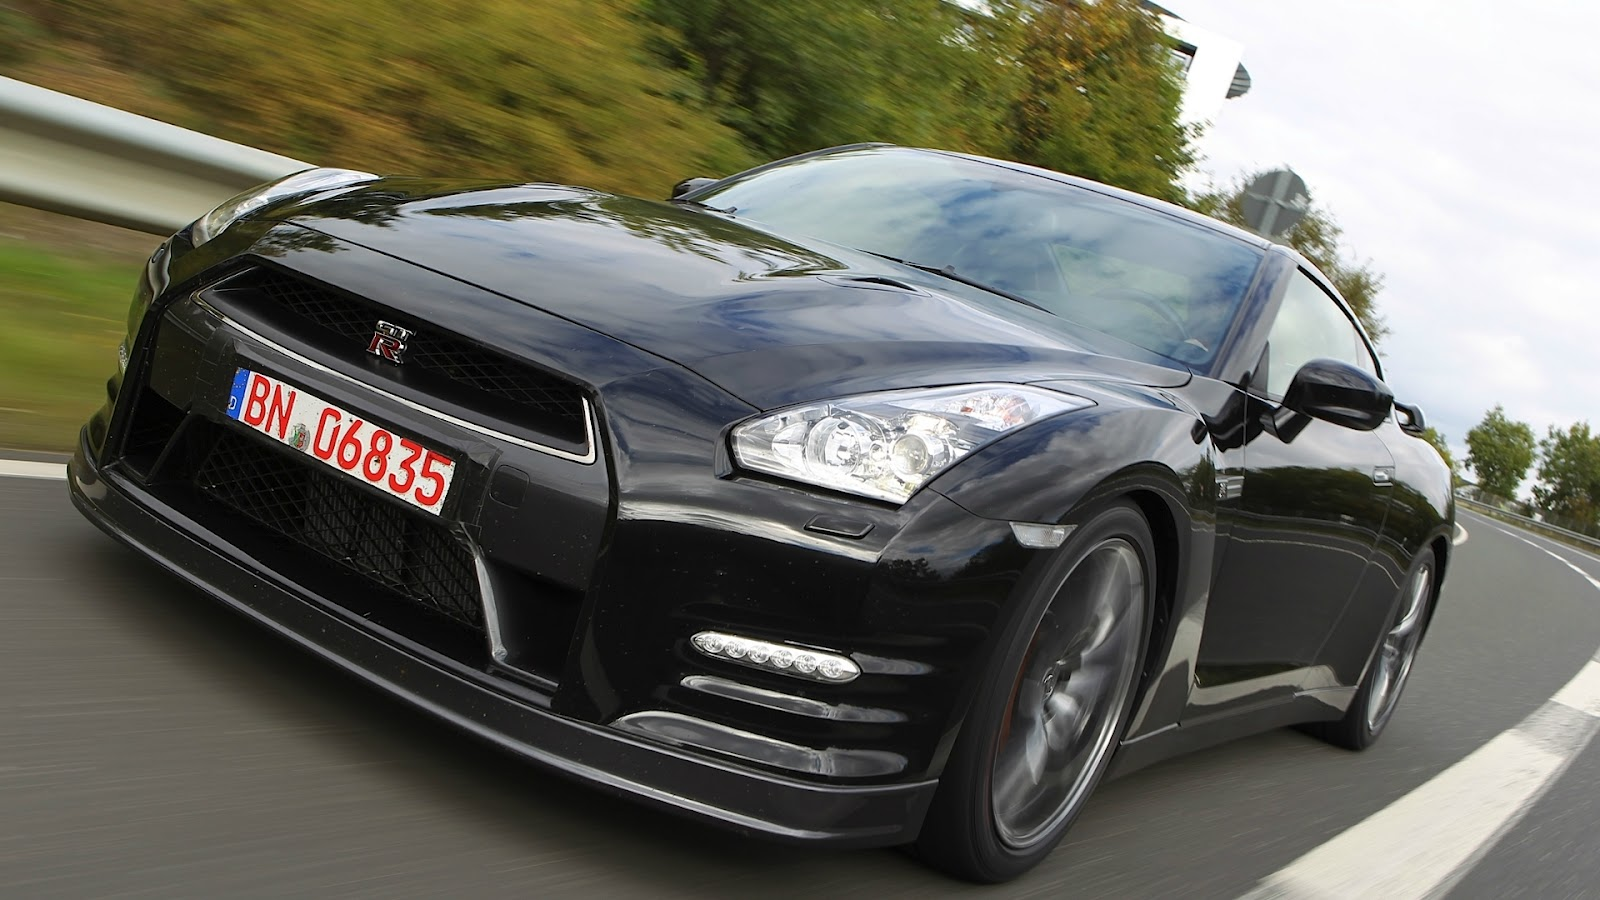 http://1.bp.blogspot.com/-8mFnz0dkXVw/T_h5mXKcL0I/AAAAAAAAERE/iAMMkeIXRMM/s1600/Nissan+GTR+Hd+Wallpapers+2013_4.jpg